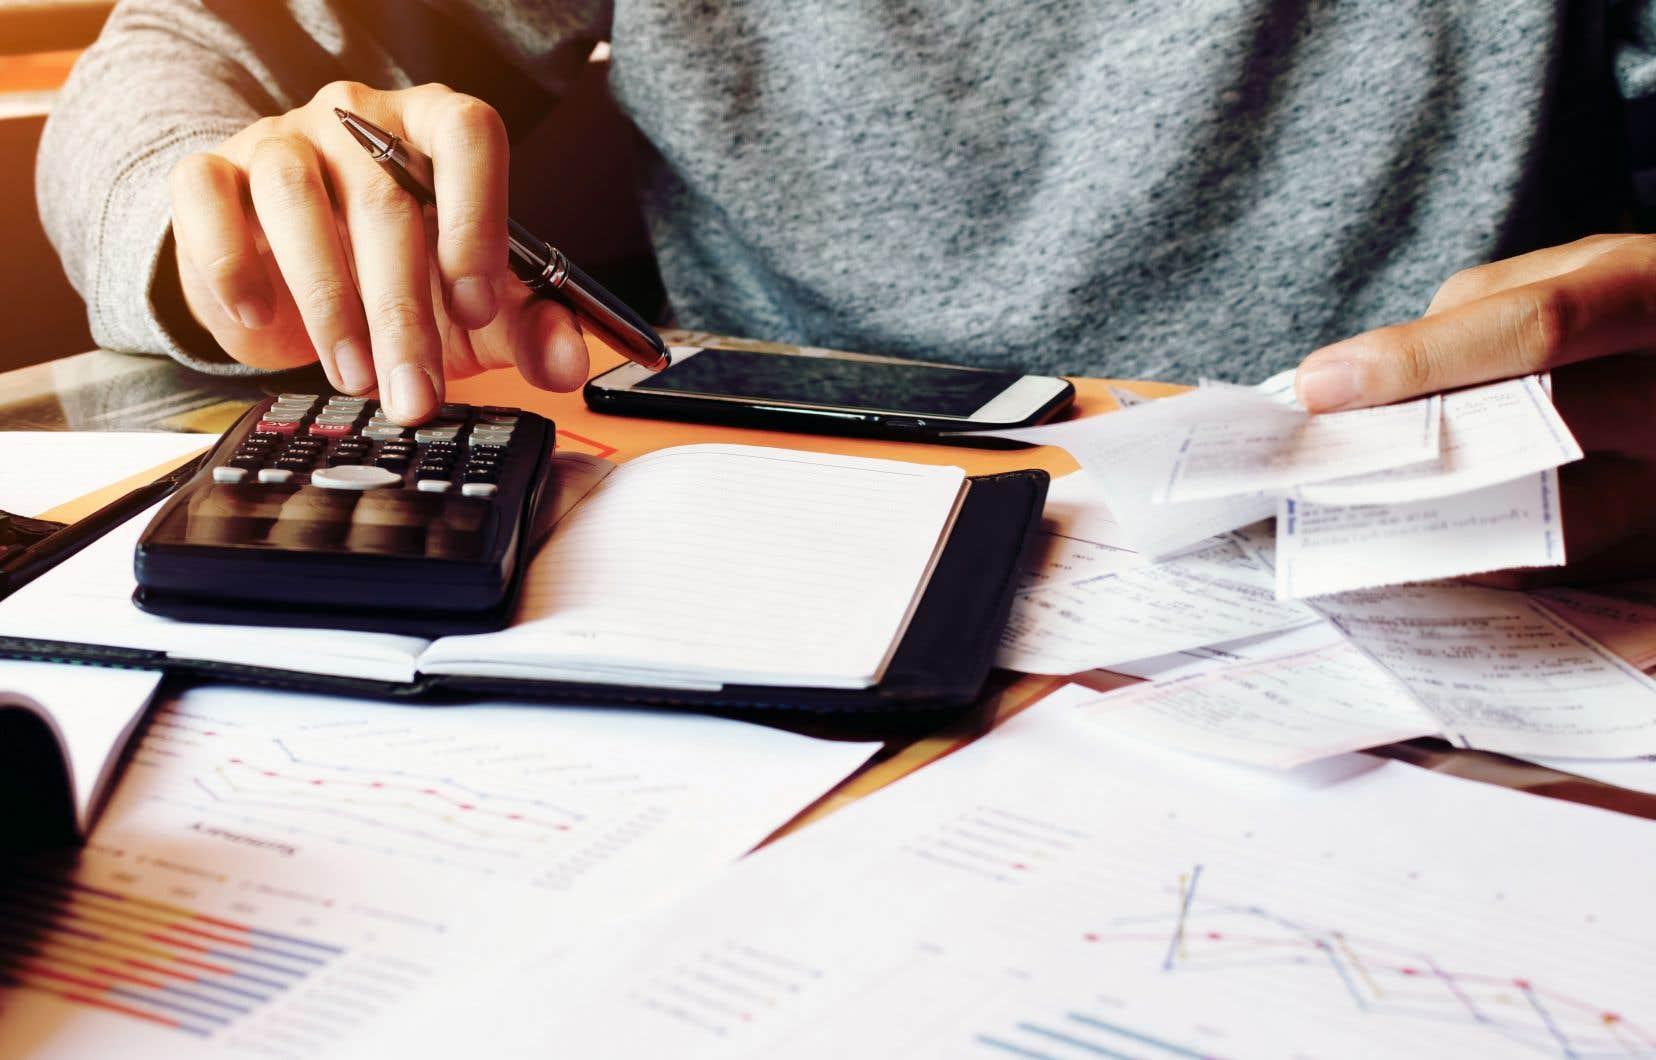 Les Canadienssont 46% à déclarer se retrouver à 200$ ou moins de l'insolvabilité chaque mois, après avoir payé leurs factures et leurs dettes mensuelles.